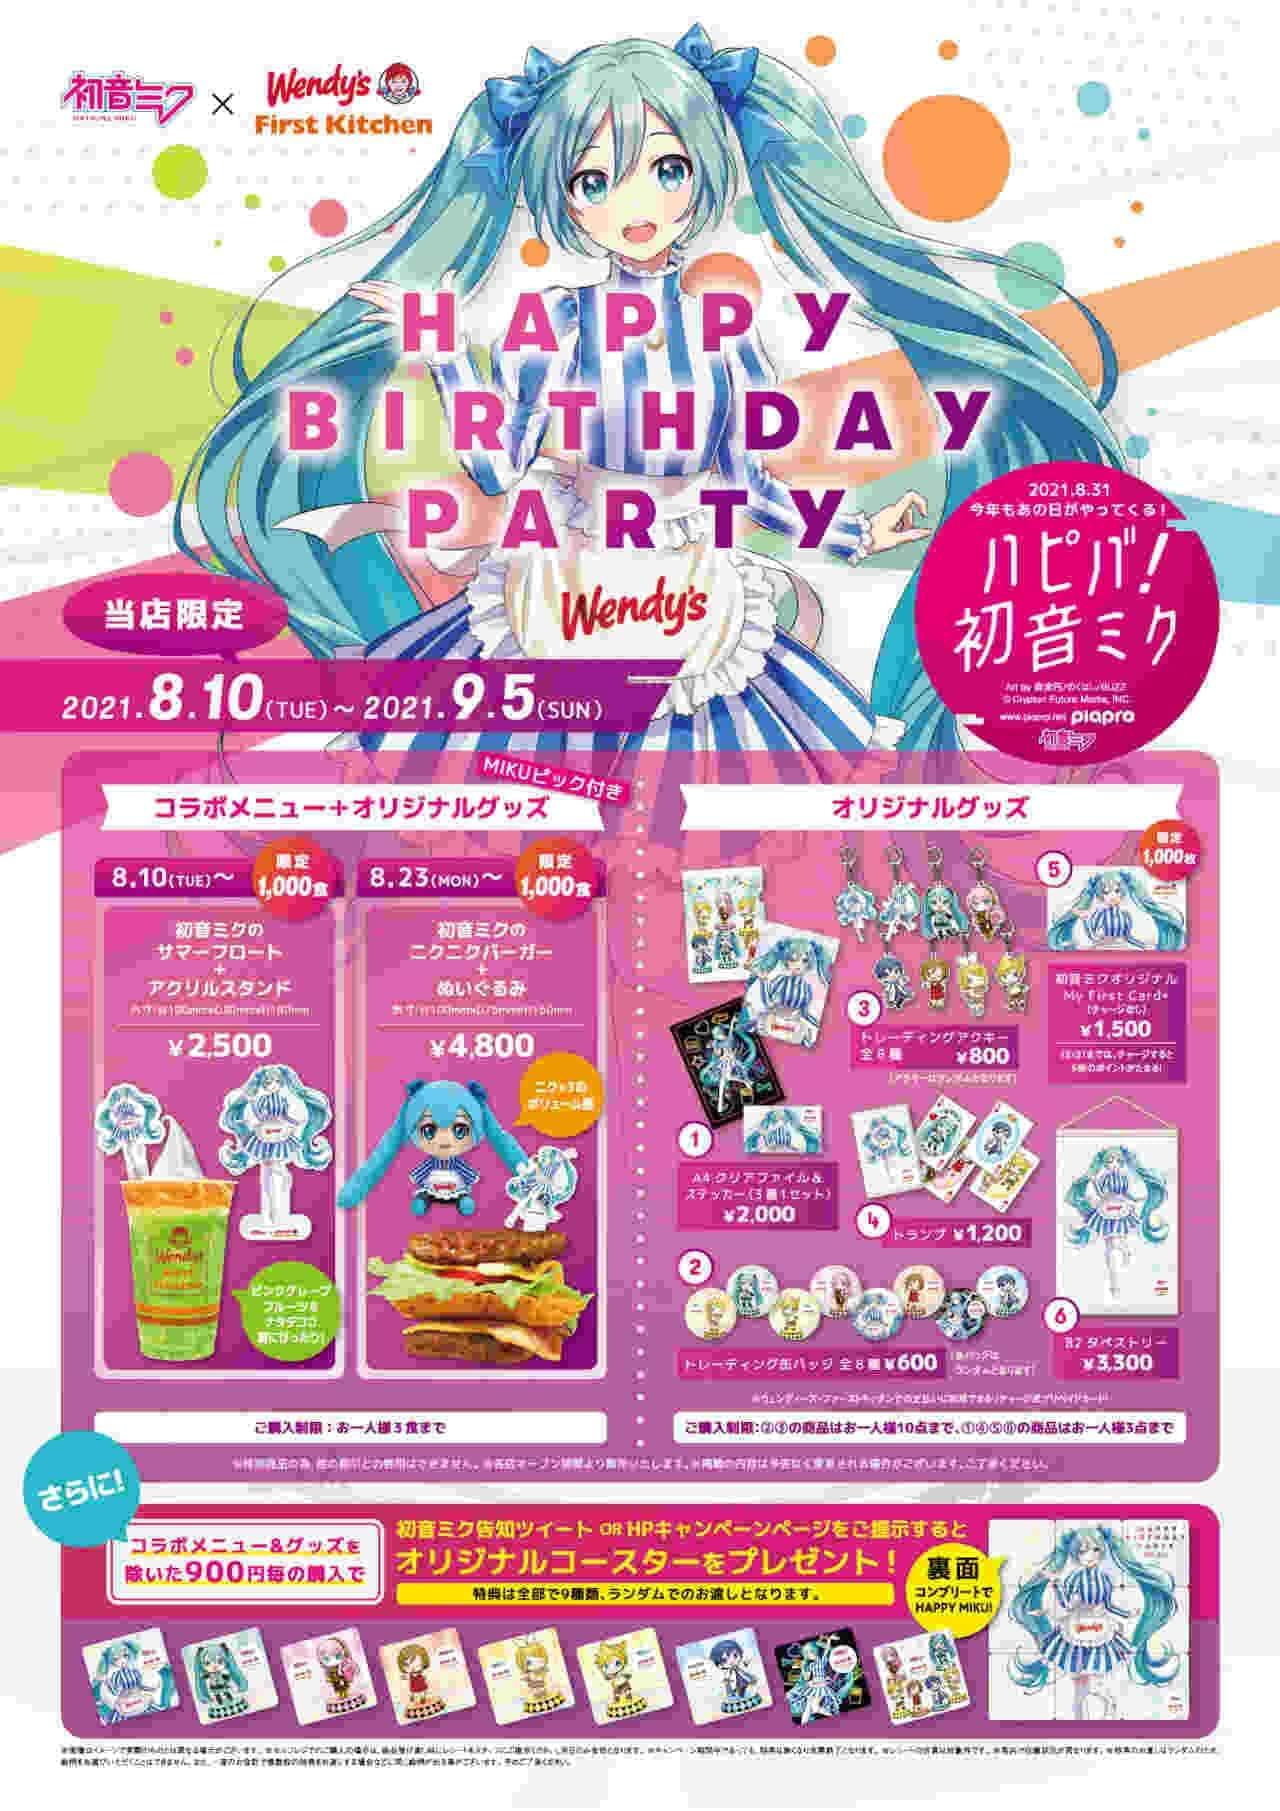 ウェンデイーズ・ファーストキッチン「ハピバ初音ミク HAPPY BIRTHDAY PARTY」